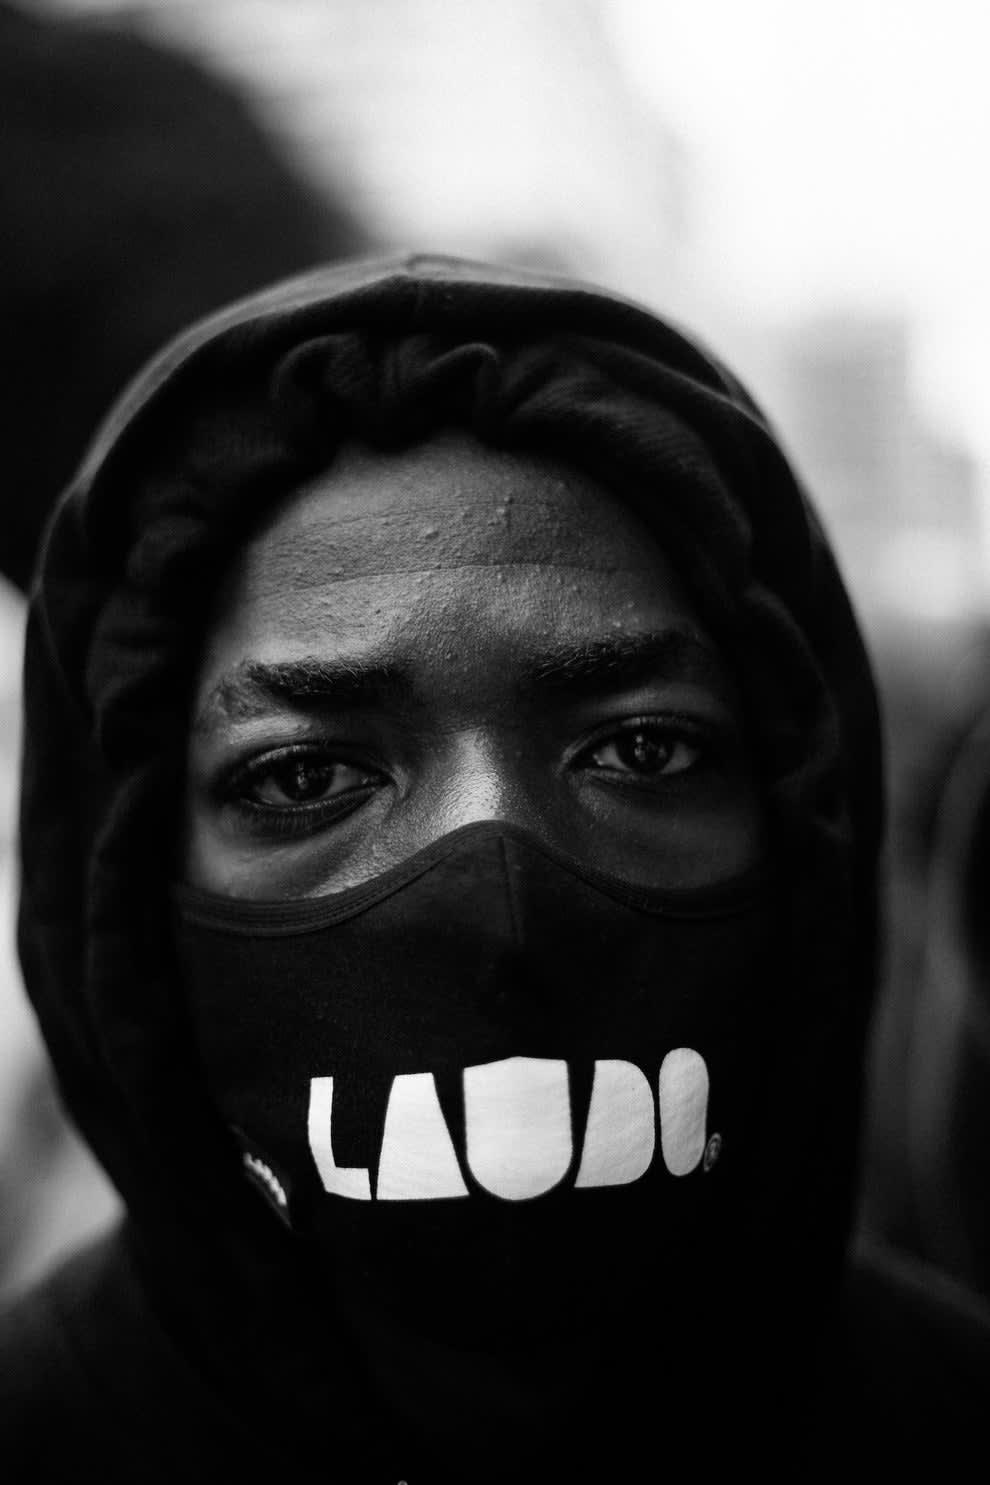 Rosto de homem negro usando máscara.